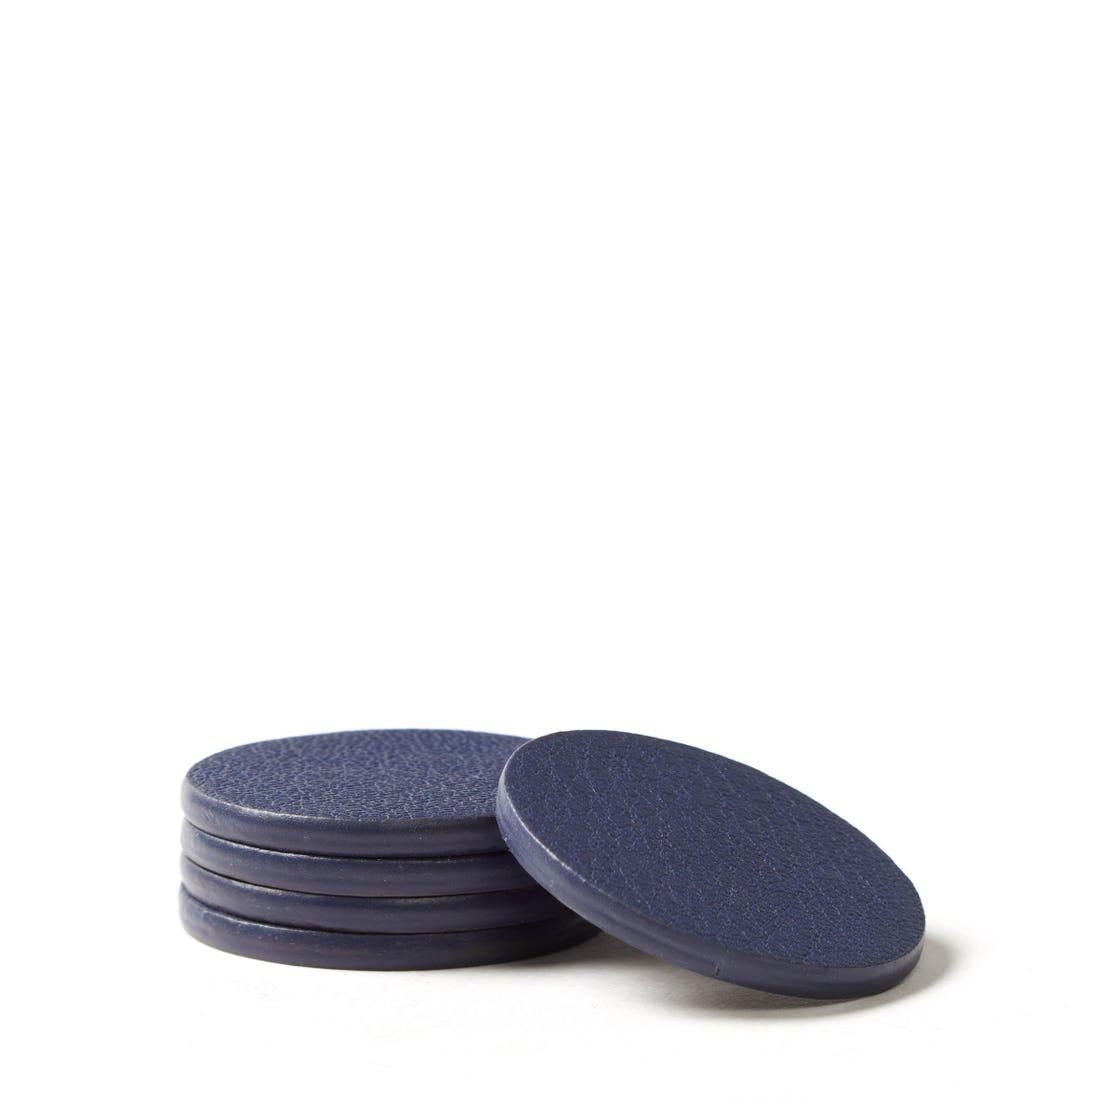 Small Circle Magnets